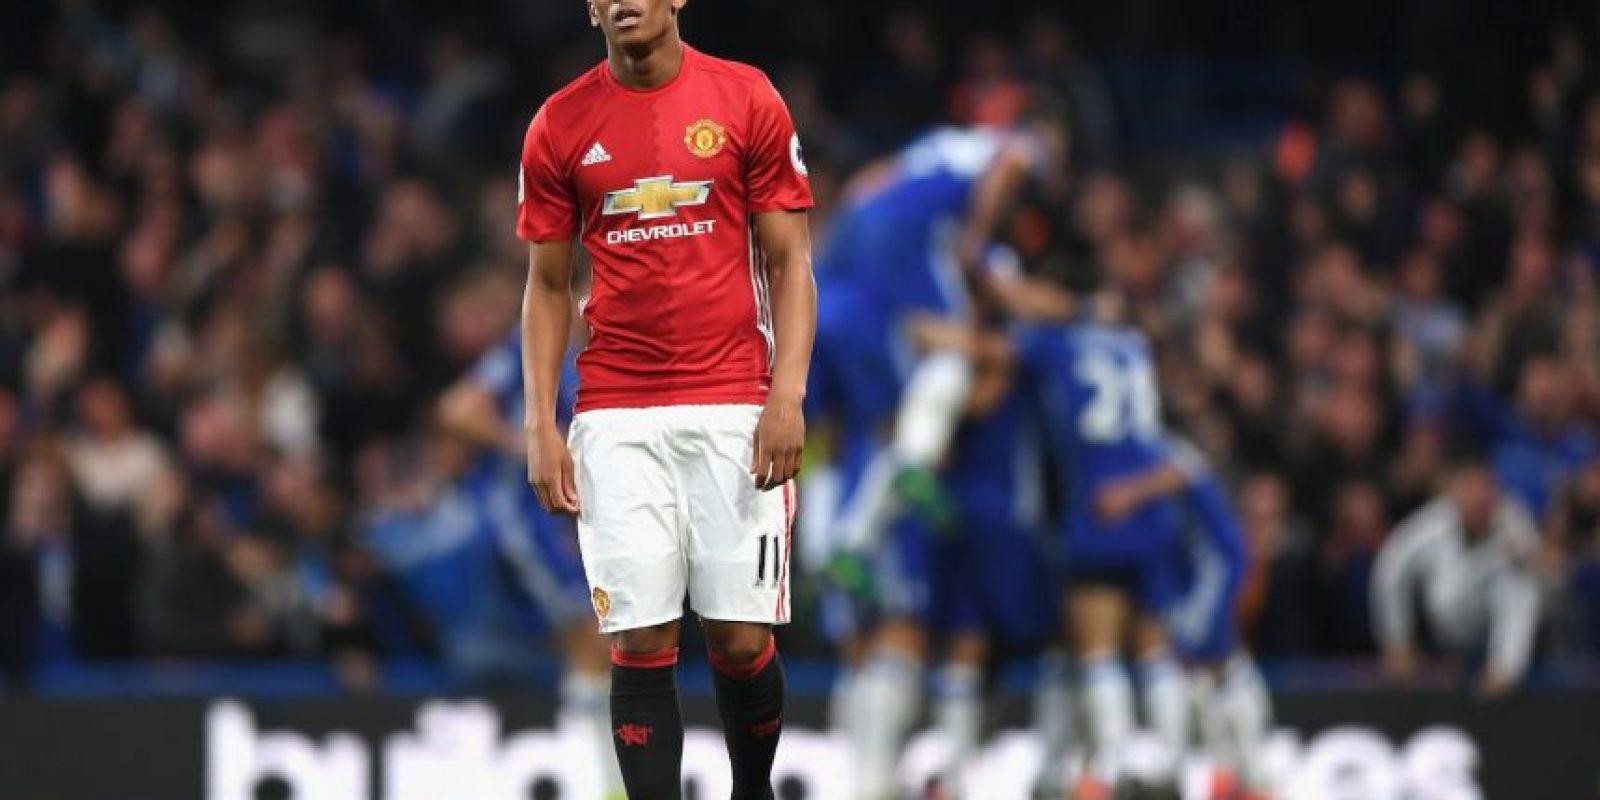 Anthony Martial (Ganador en 2015-Manchester United, actualmente en Manchester United): Sigue teniendo un buen nivel en los Diablos Rojos, pero su gran problema es que el equipo no está rindiendo bien. Eso le ha jugado en contra en su desarrollo Foto:Getty Images